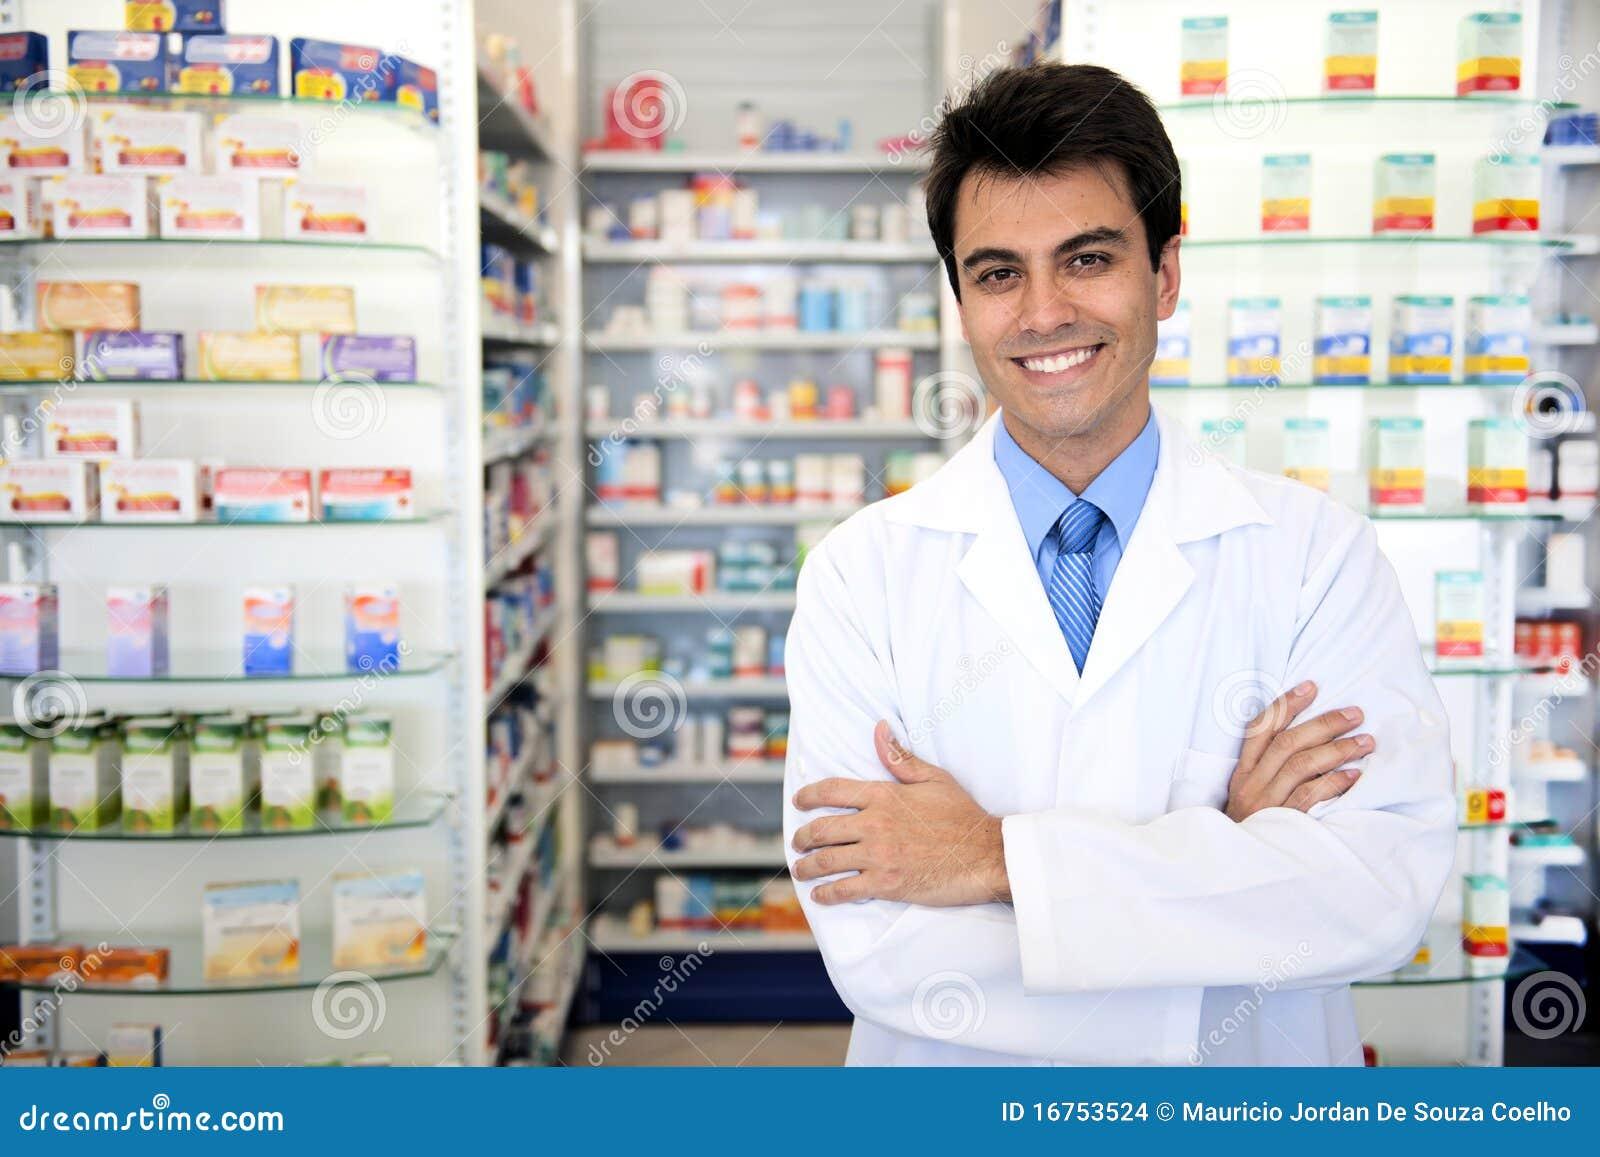 Portret van een mannelijke apotheker bij apotheek